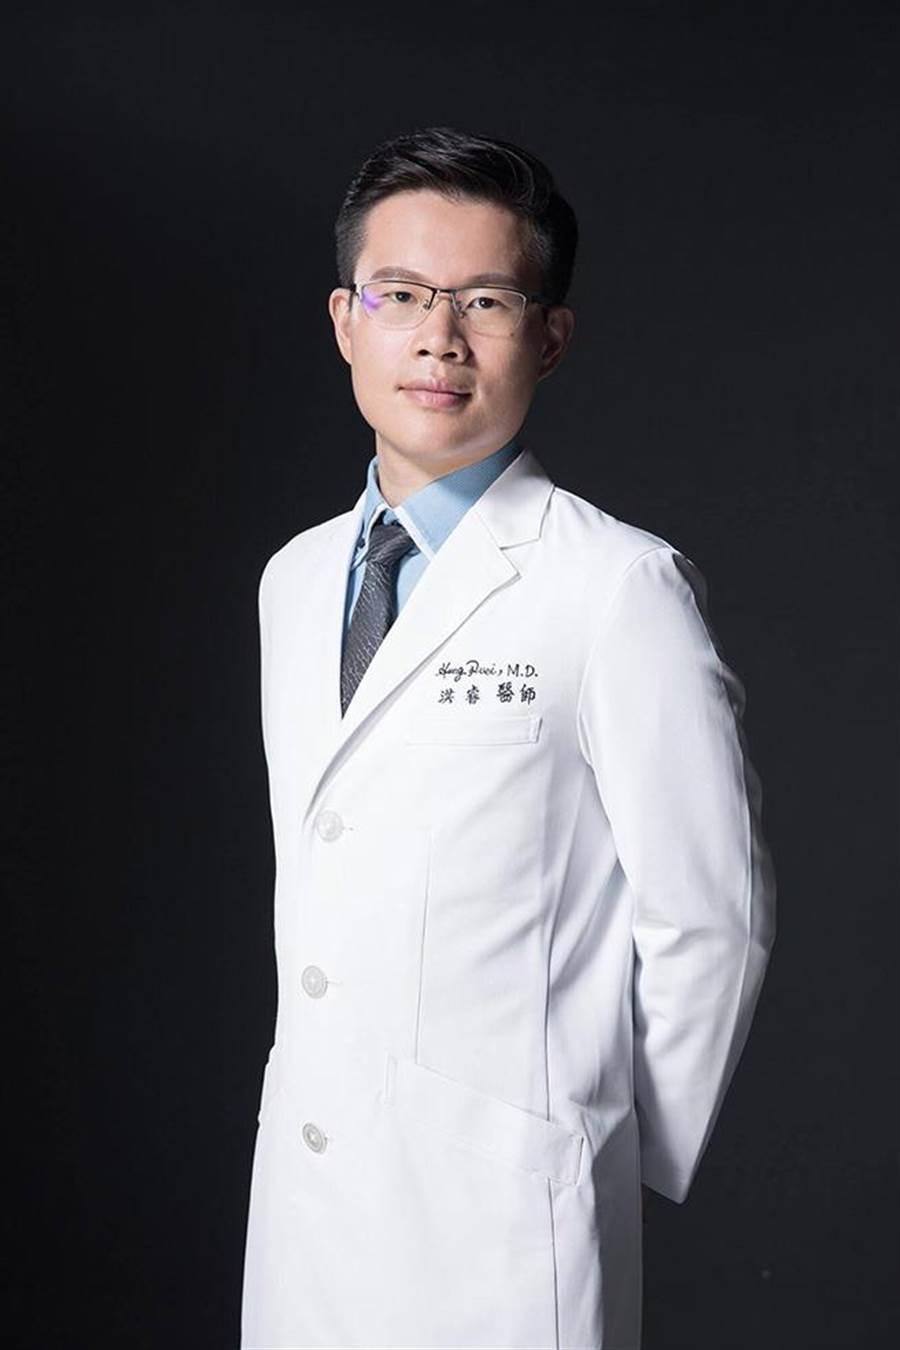 淨妍醫美集團洪睿醫師呼籲治療頸紋前須先理解其成因為何。(圖/玻尿酸醫學研討會提供)